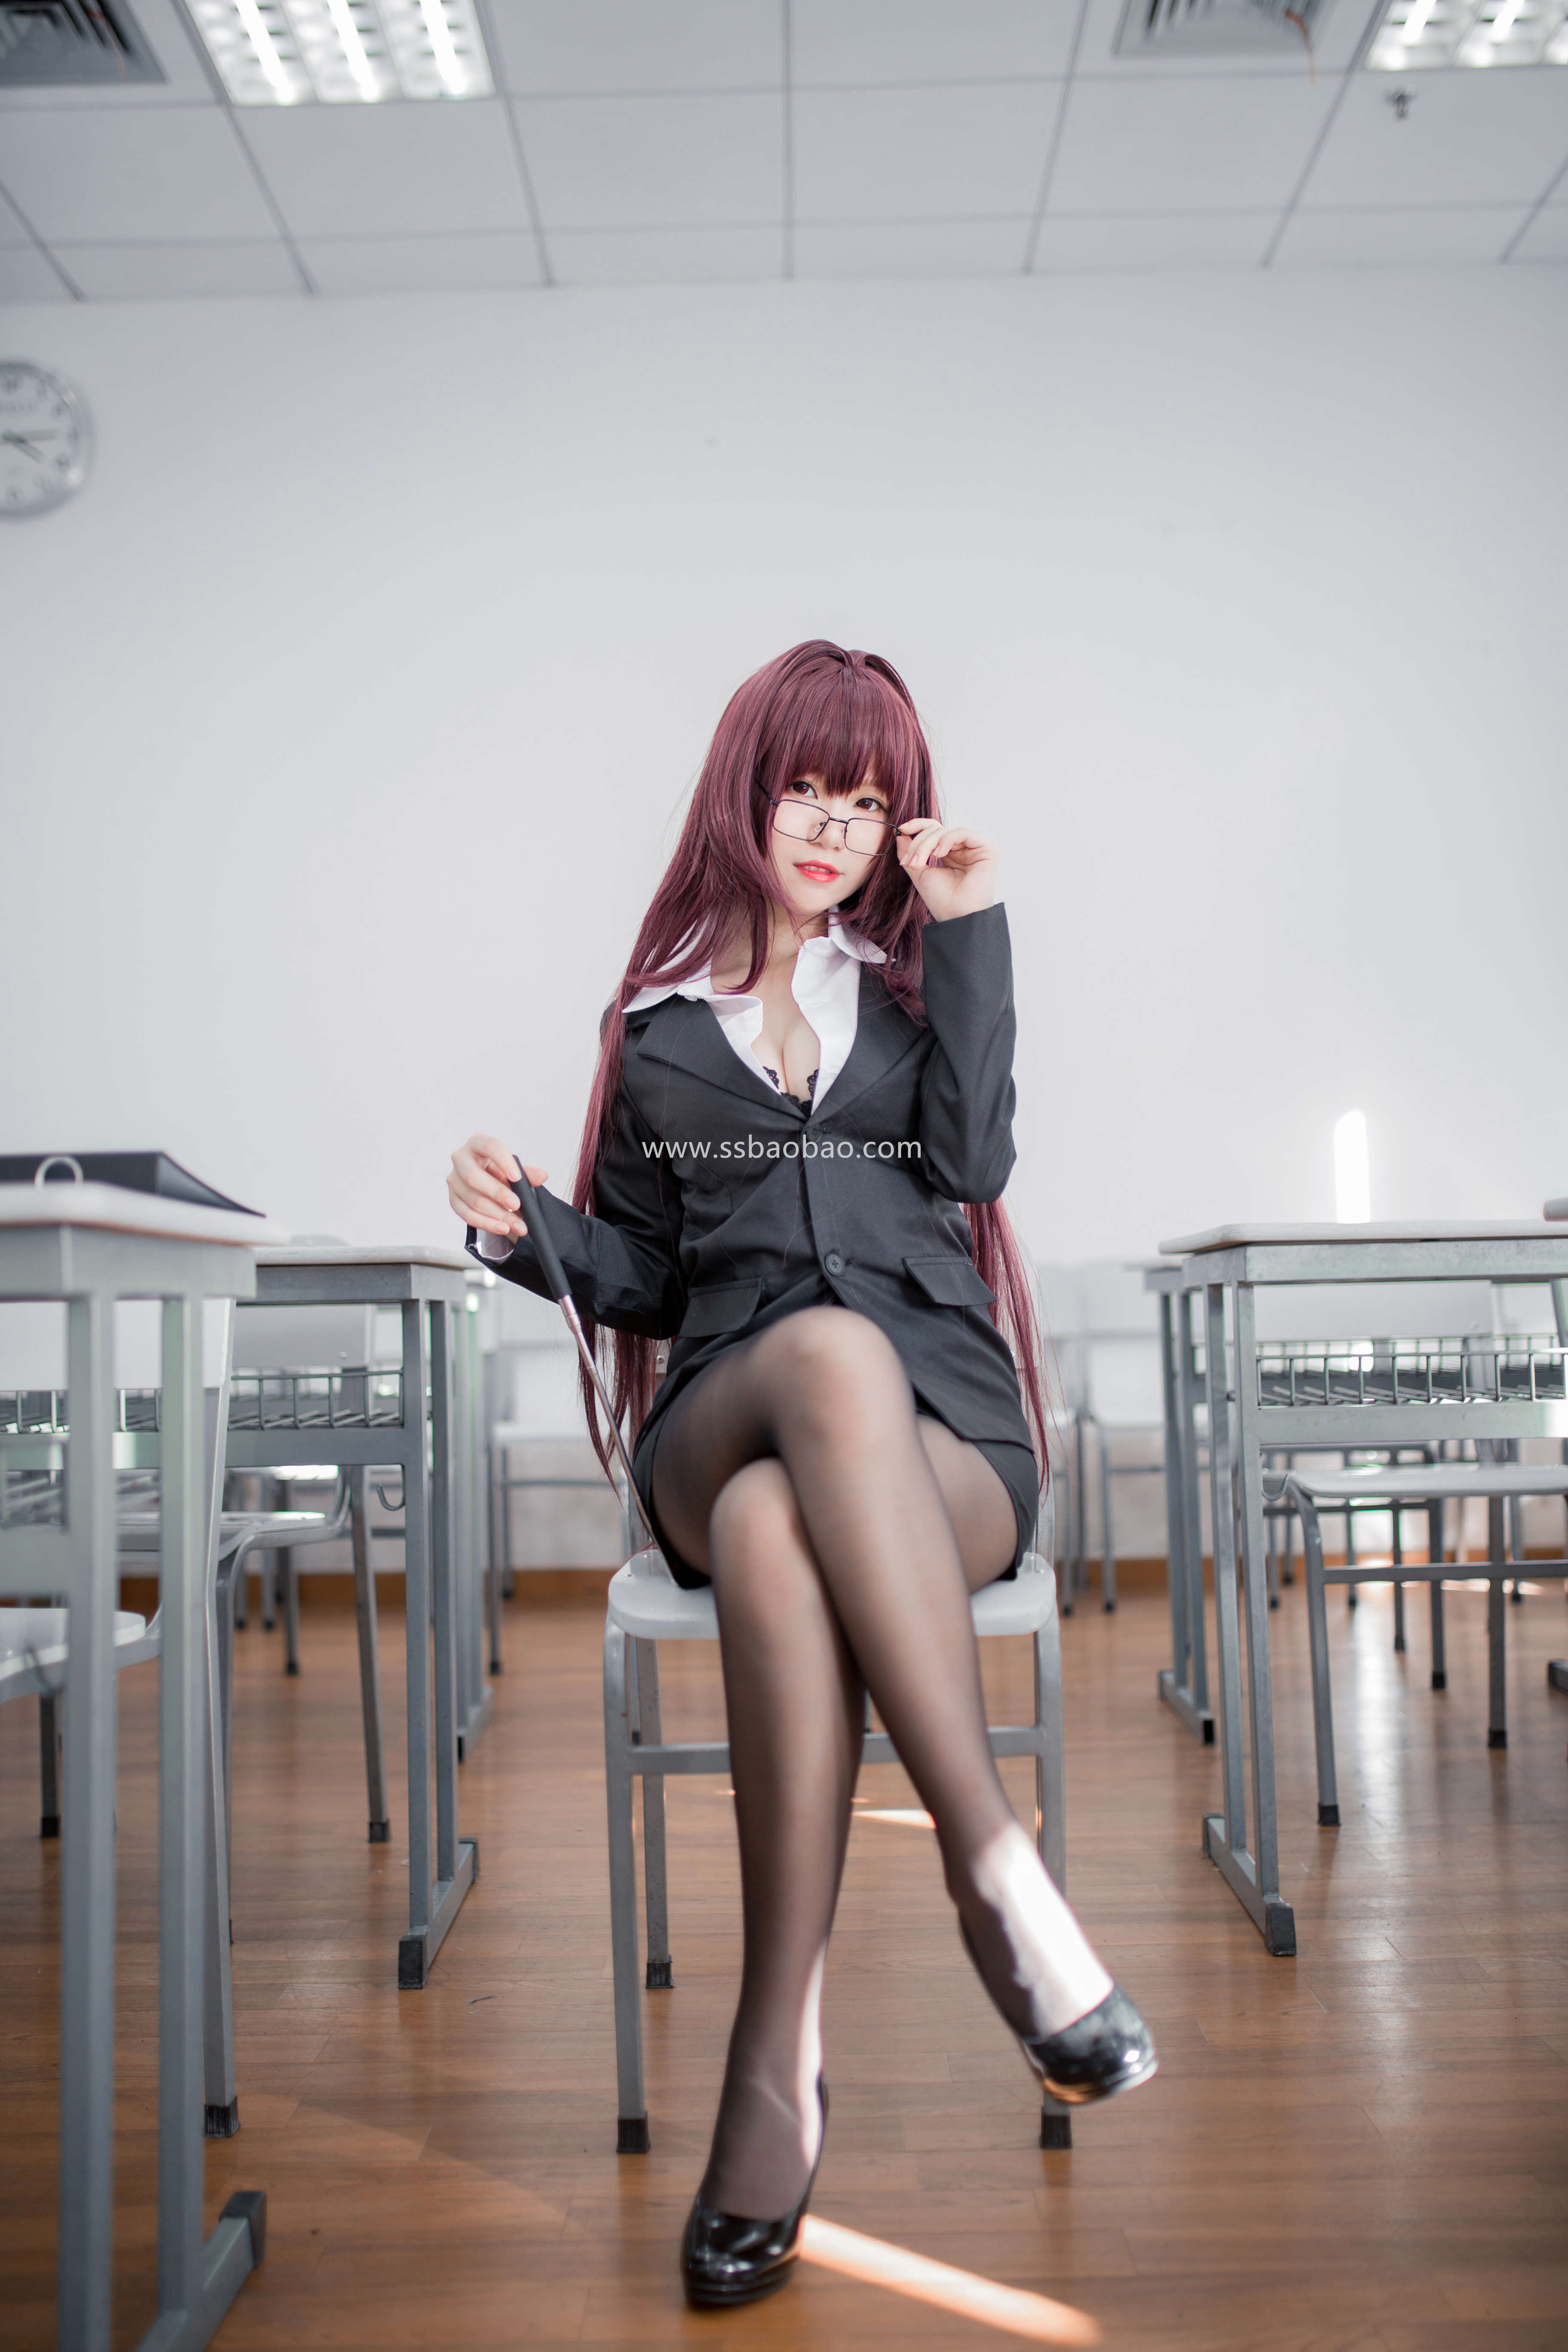 Yoko宅夏 - 斯卡哈教师[33P-266MB]01